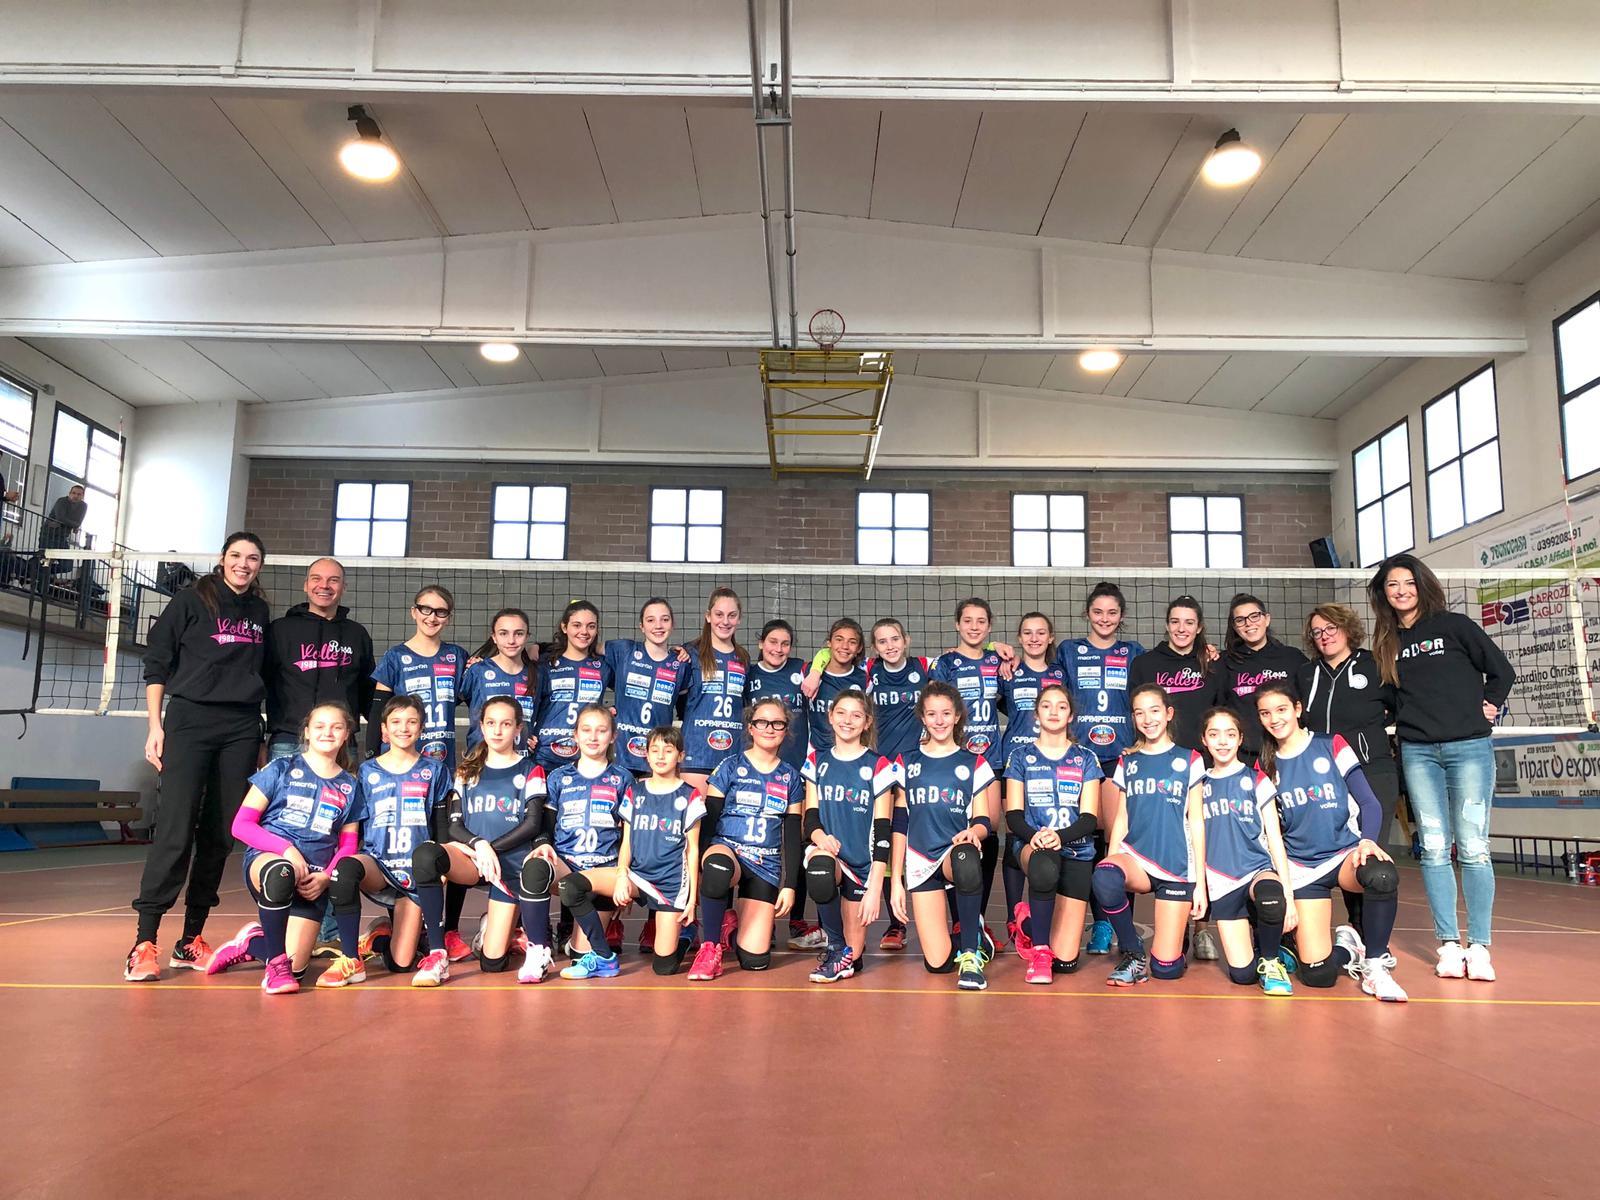 eagle cup 2019 Rosavolley e ardorvolley under13